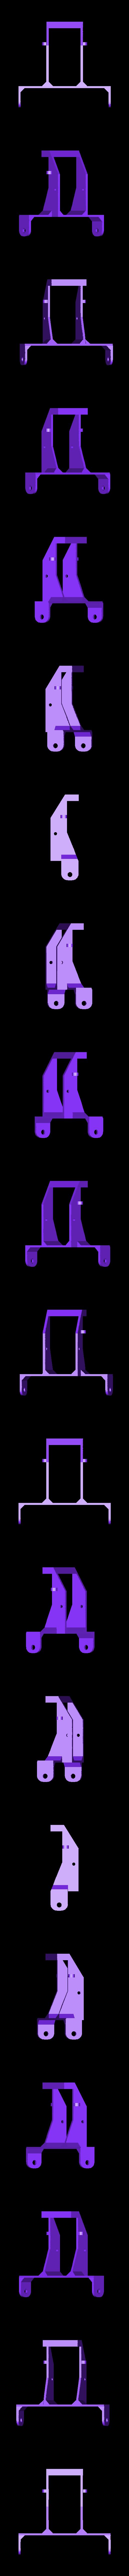 MK2_antenna_protection.stl Télécharger fichier STL gratuit Support de caméra Tiny Whoop - MK2 (style E010) • Design imprimable en 3D, Gophy